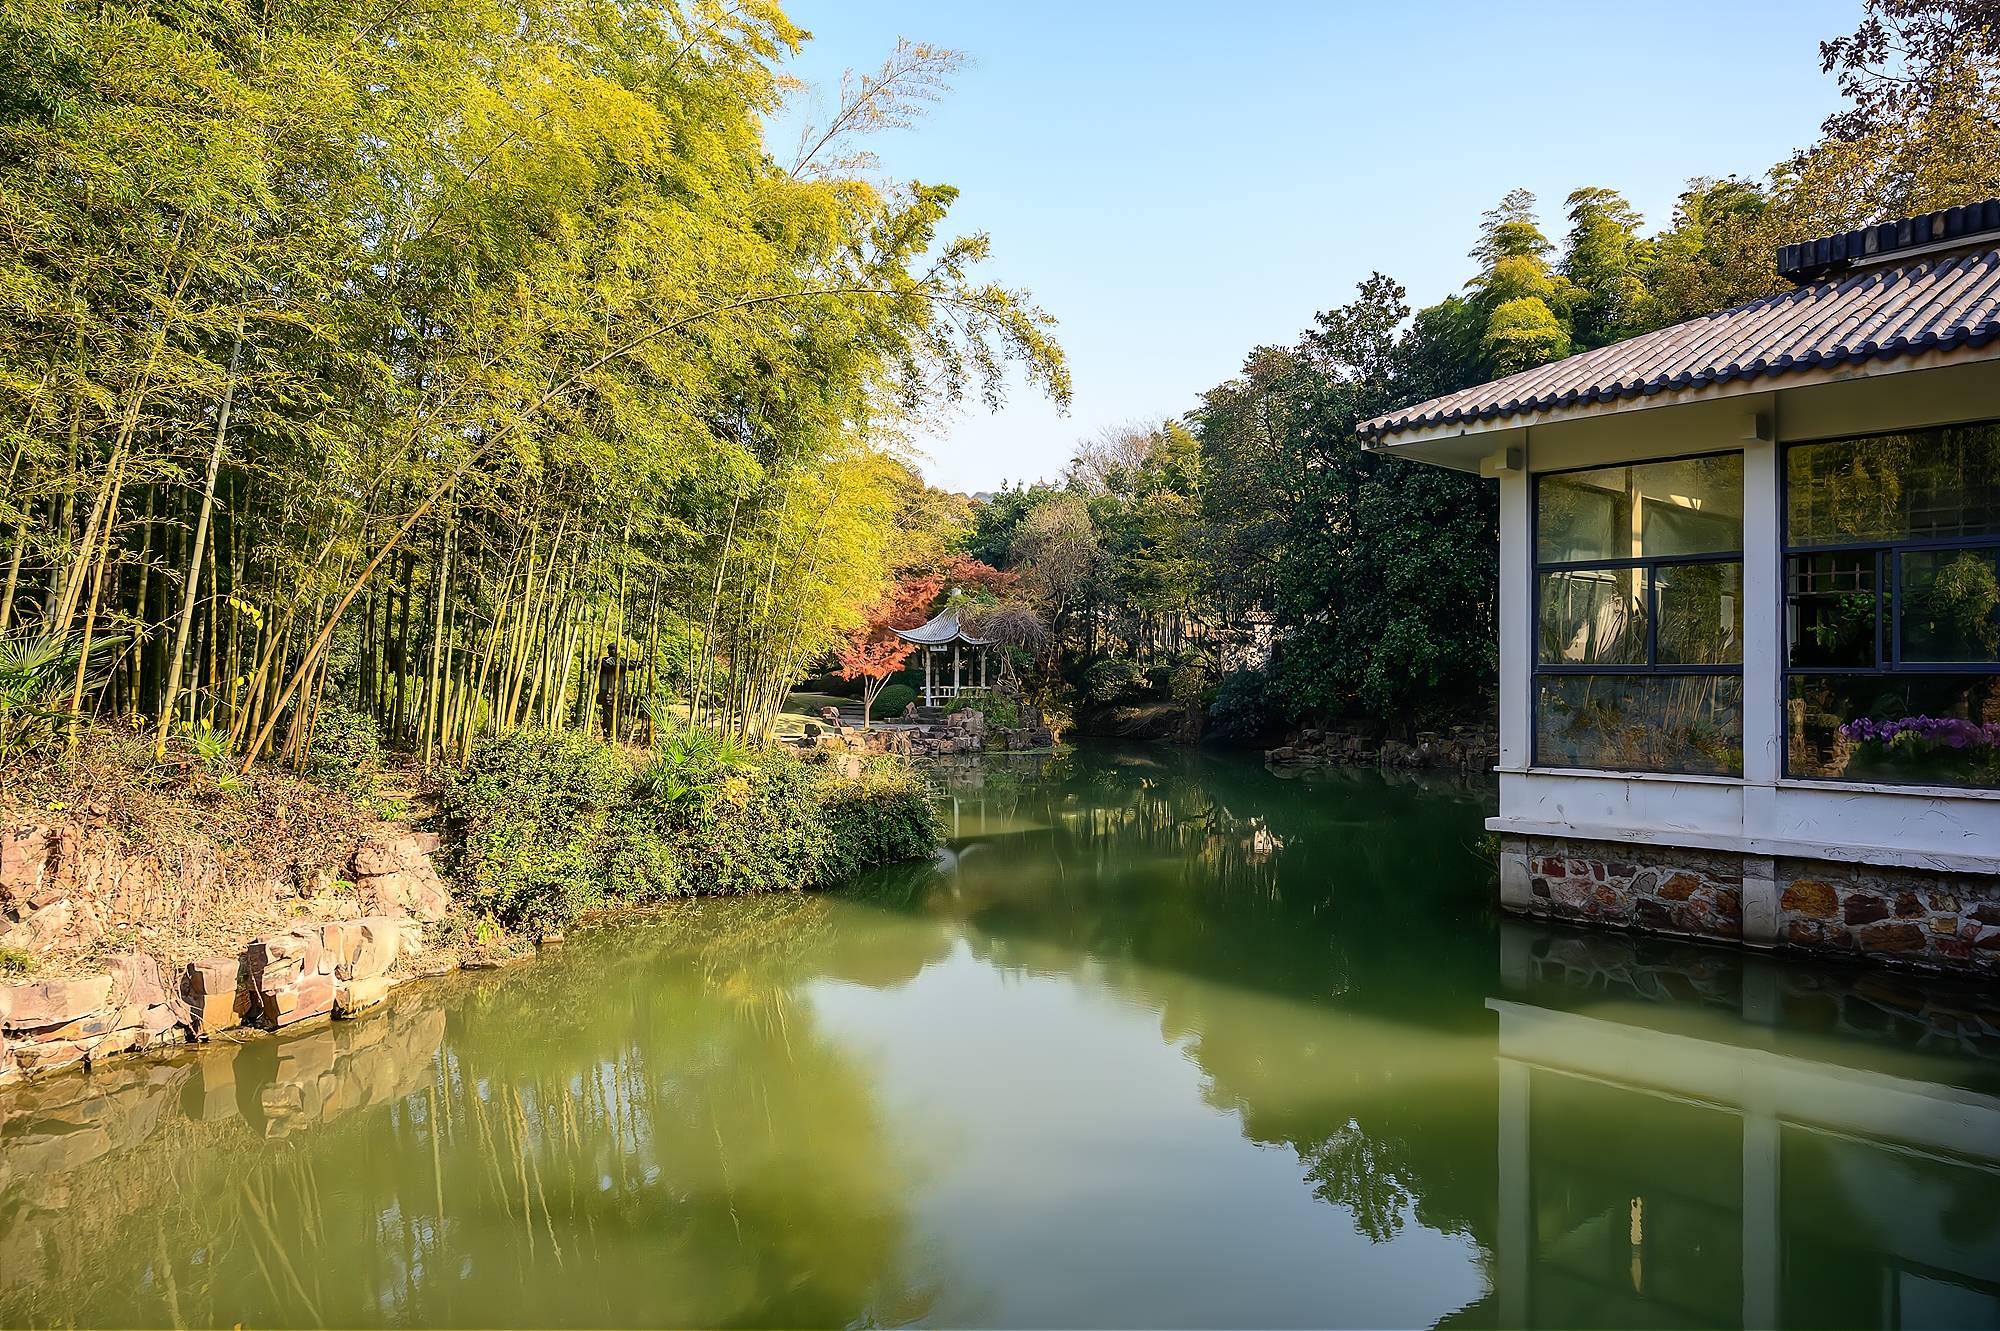 原创             藏在太湖鼋头渚中的秘境,以兰花为主题的江南园林,门票只要5元